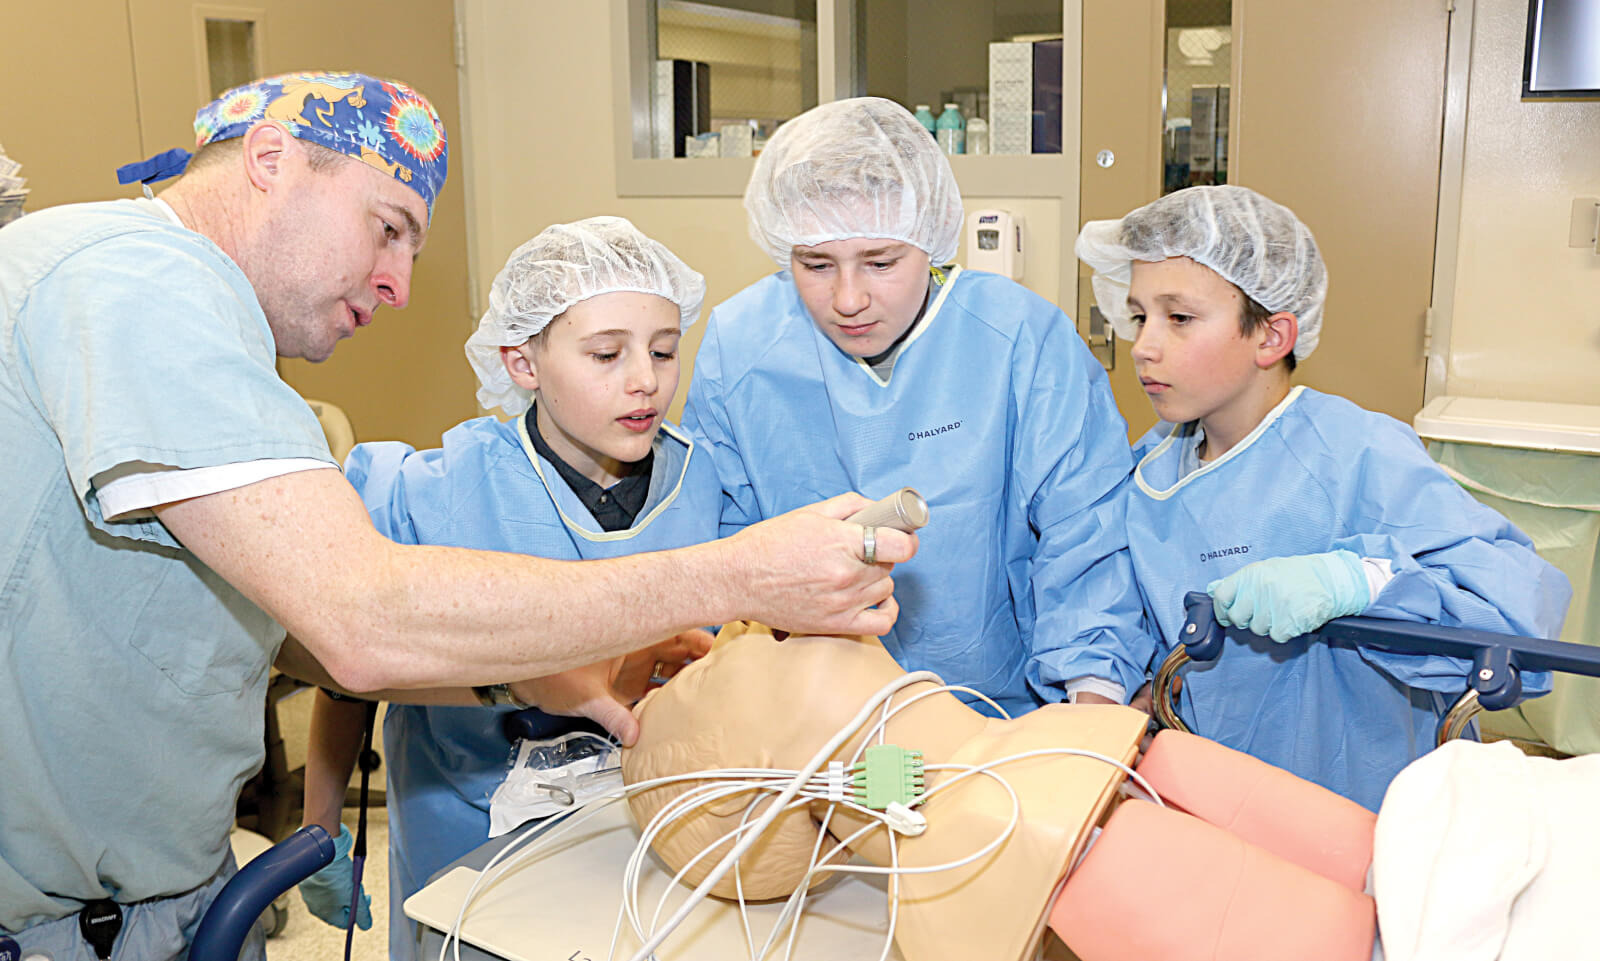 второе высшее медицинское образование в спб